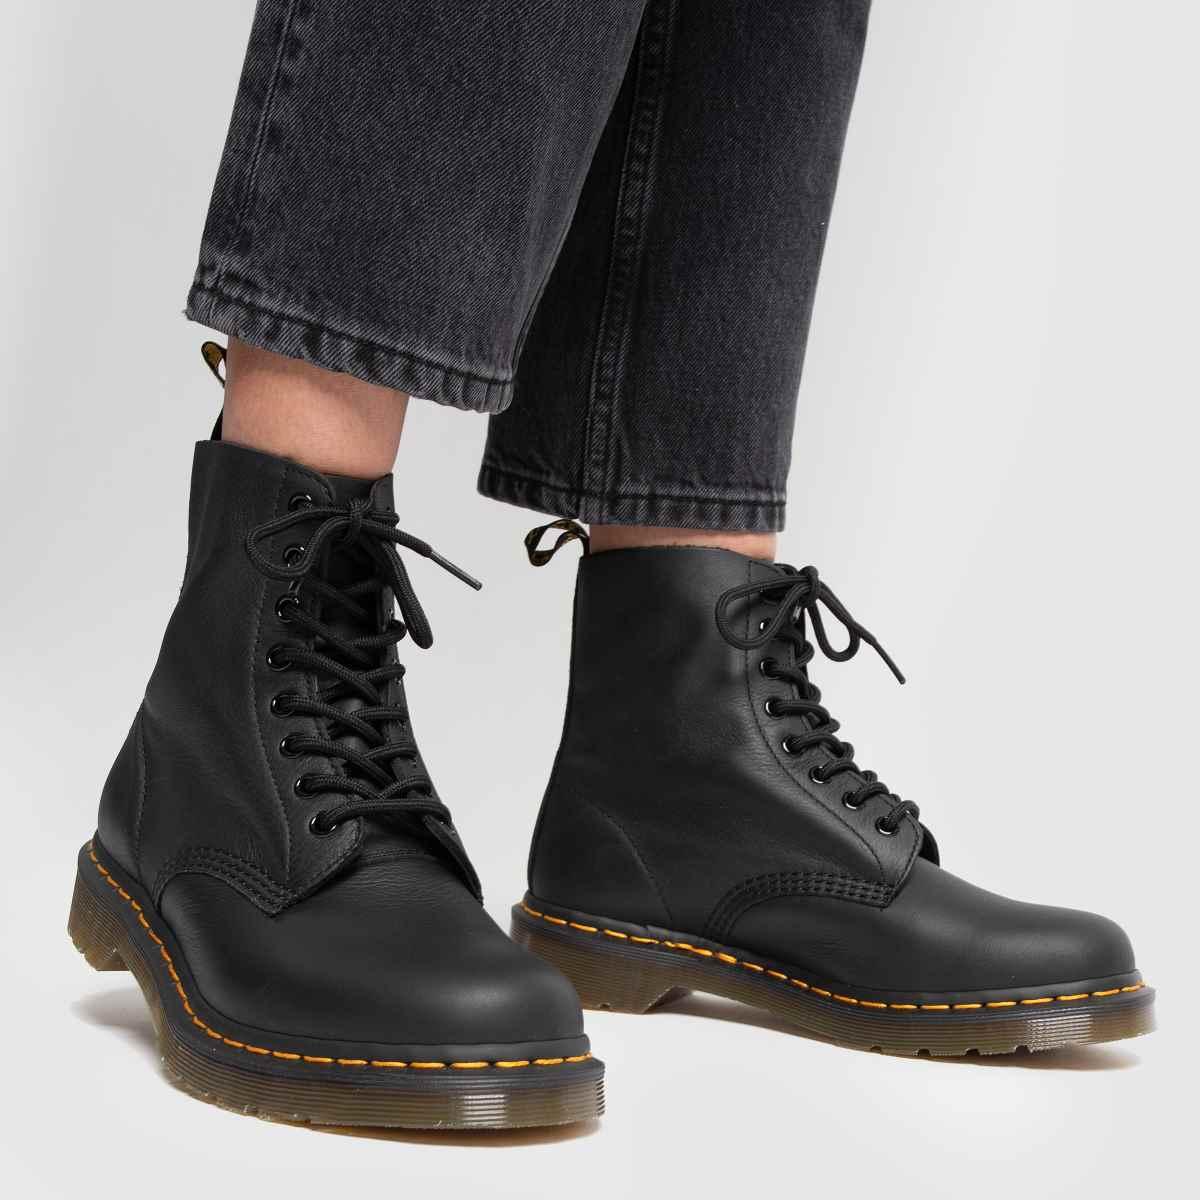 Damen Schwarz dr martens Pascal 8 Eye Boot Qualität Boots | schuh Gute Qualität Boot beliebte Schuhe 715be4